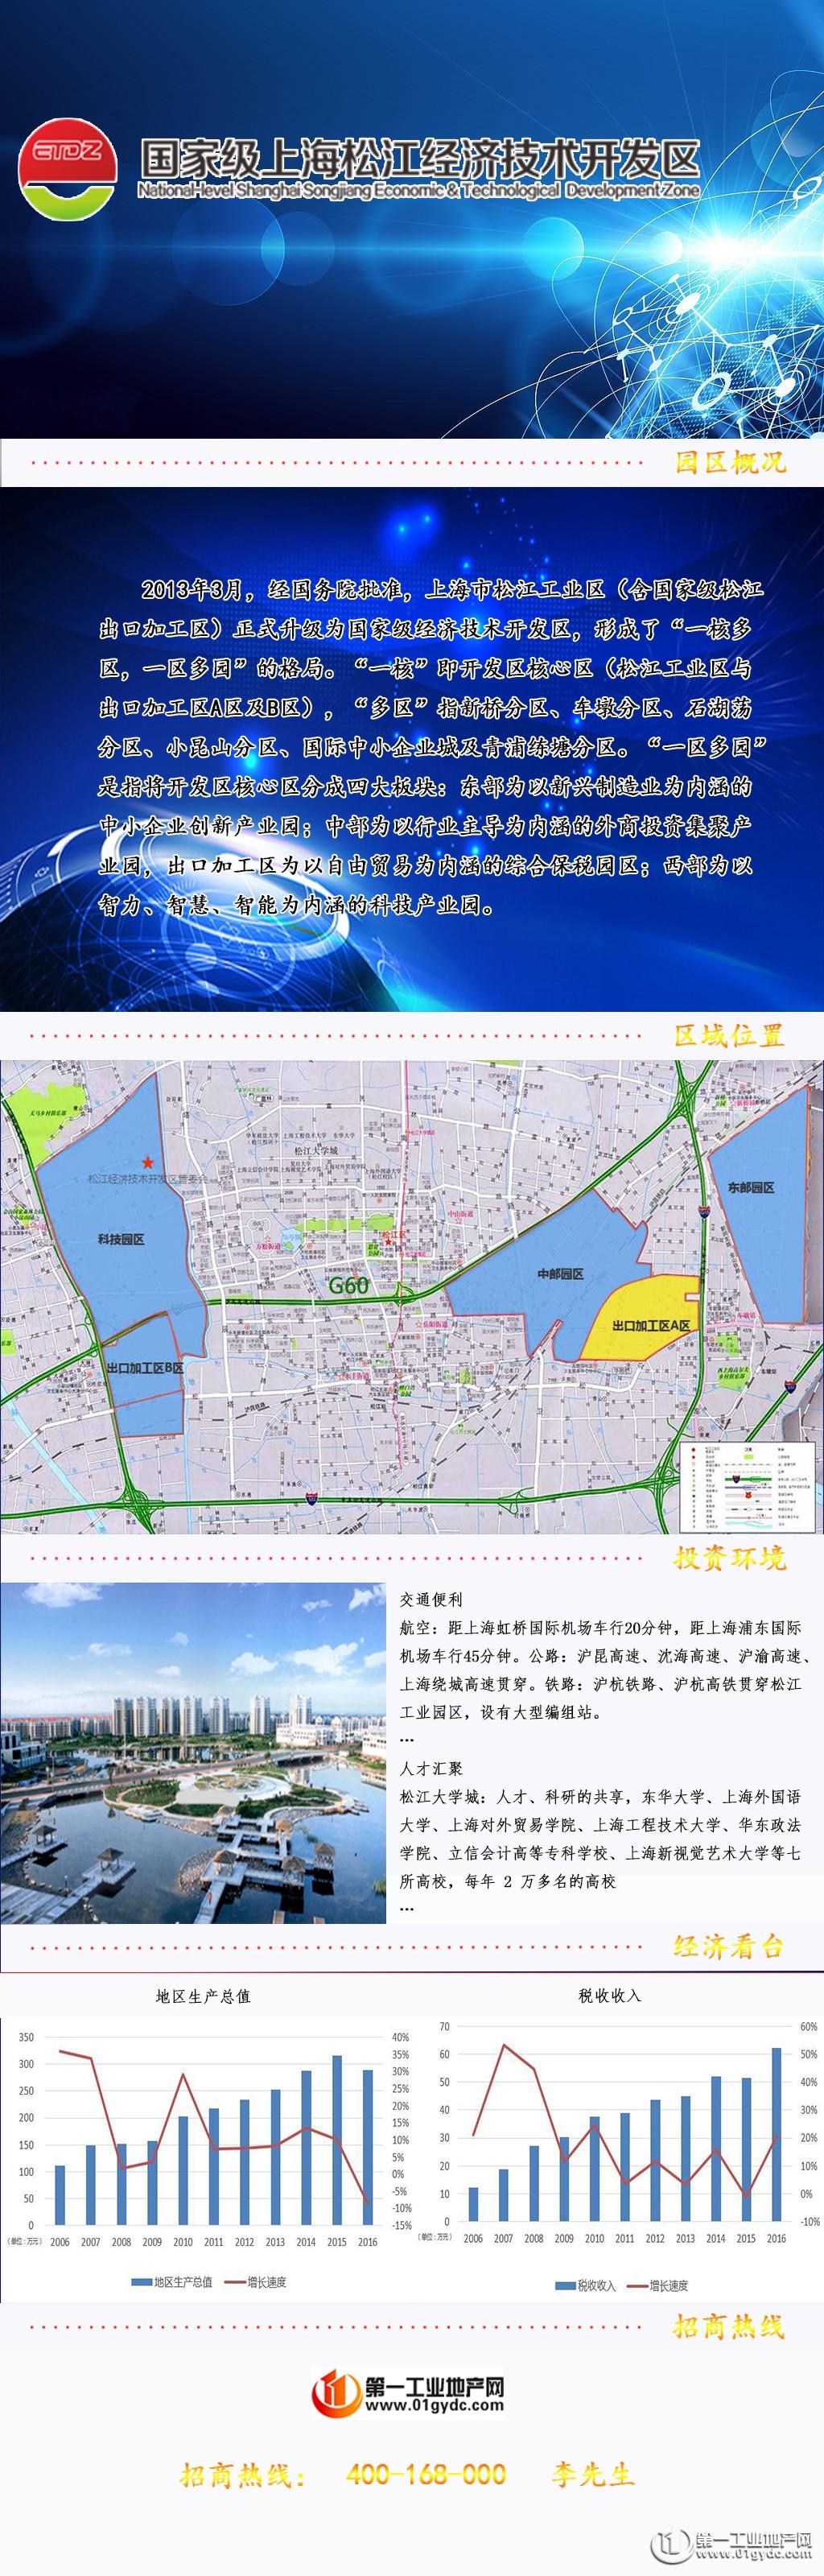 松江智能产业园内页